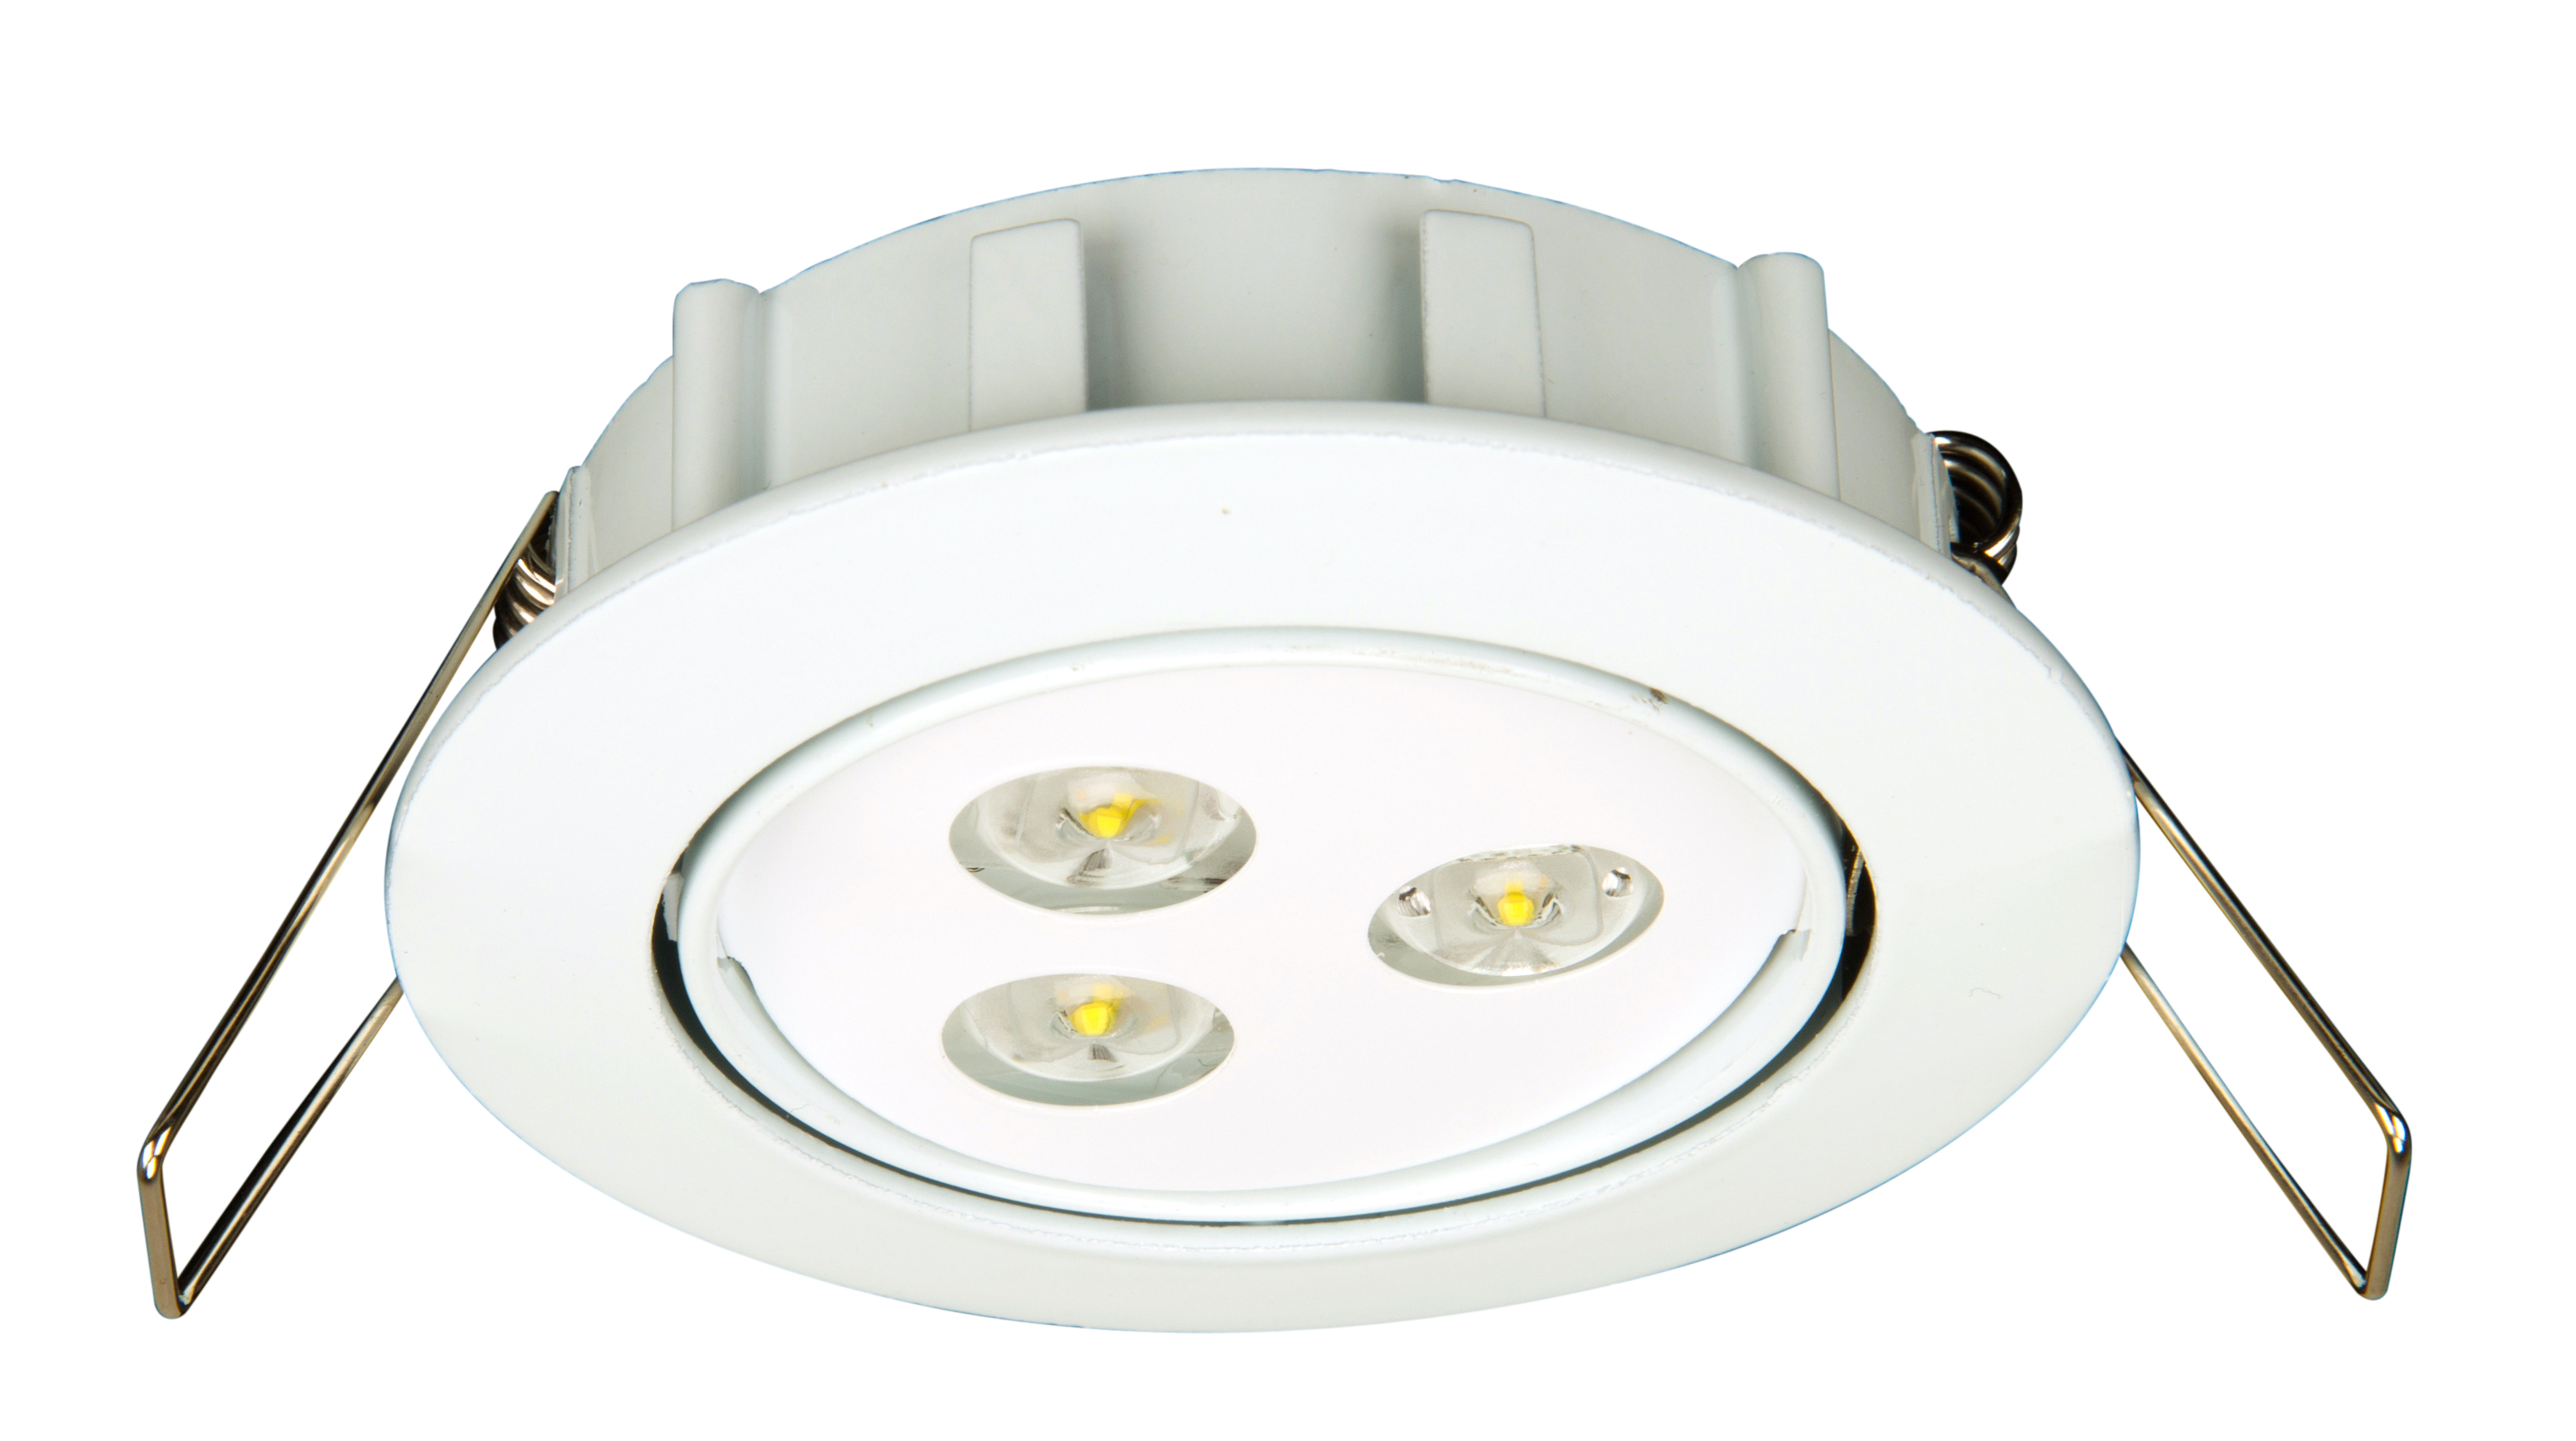 1 Stk Notleuchte DLE Überwachung und Mischbetrieb ERT-LED 230V NLDLE029ML